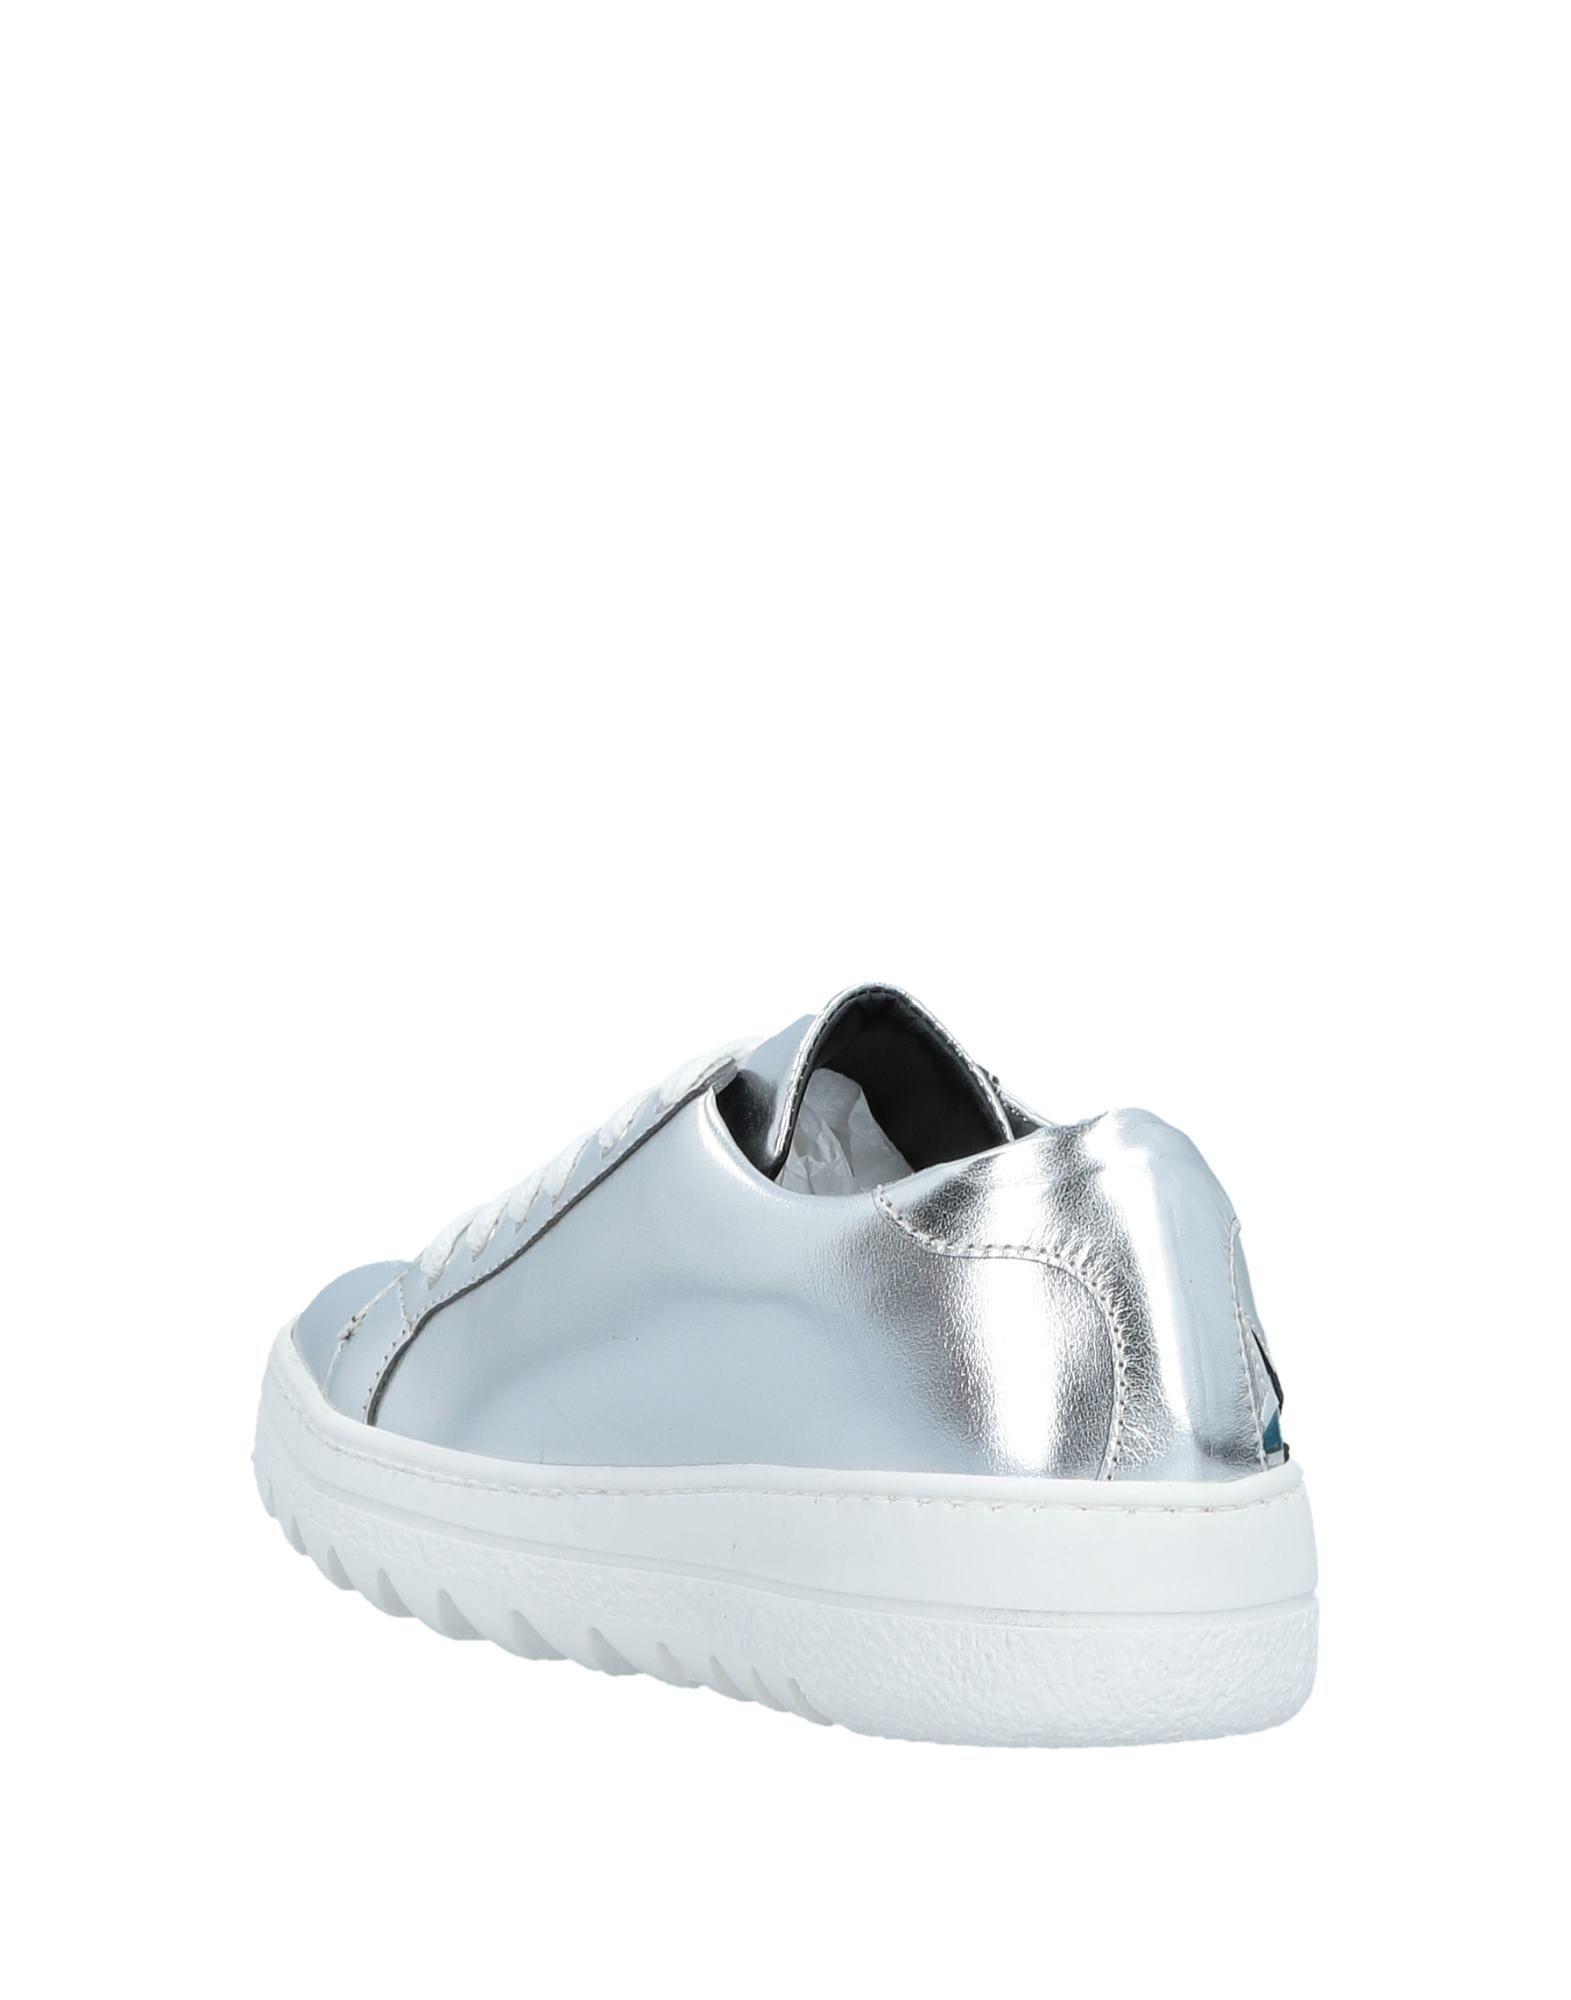 Silvian Heach Sneakers Damen Gute  11519102DB Gute Damen Qualität beliebte Schuhe b3a55d